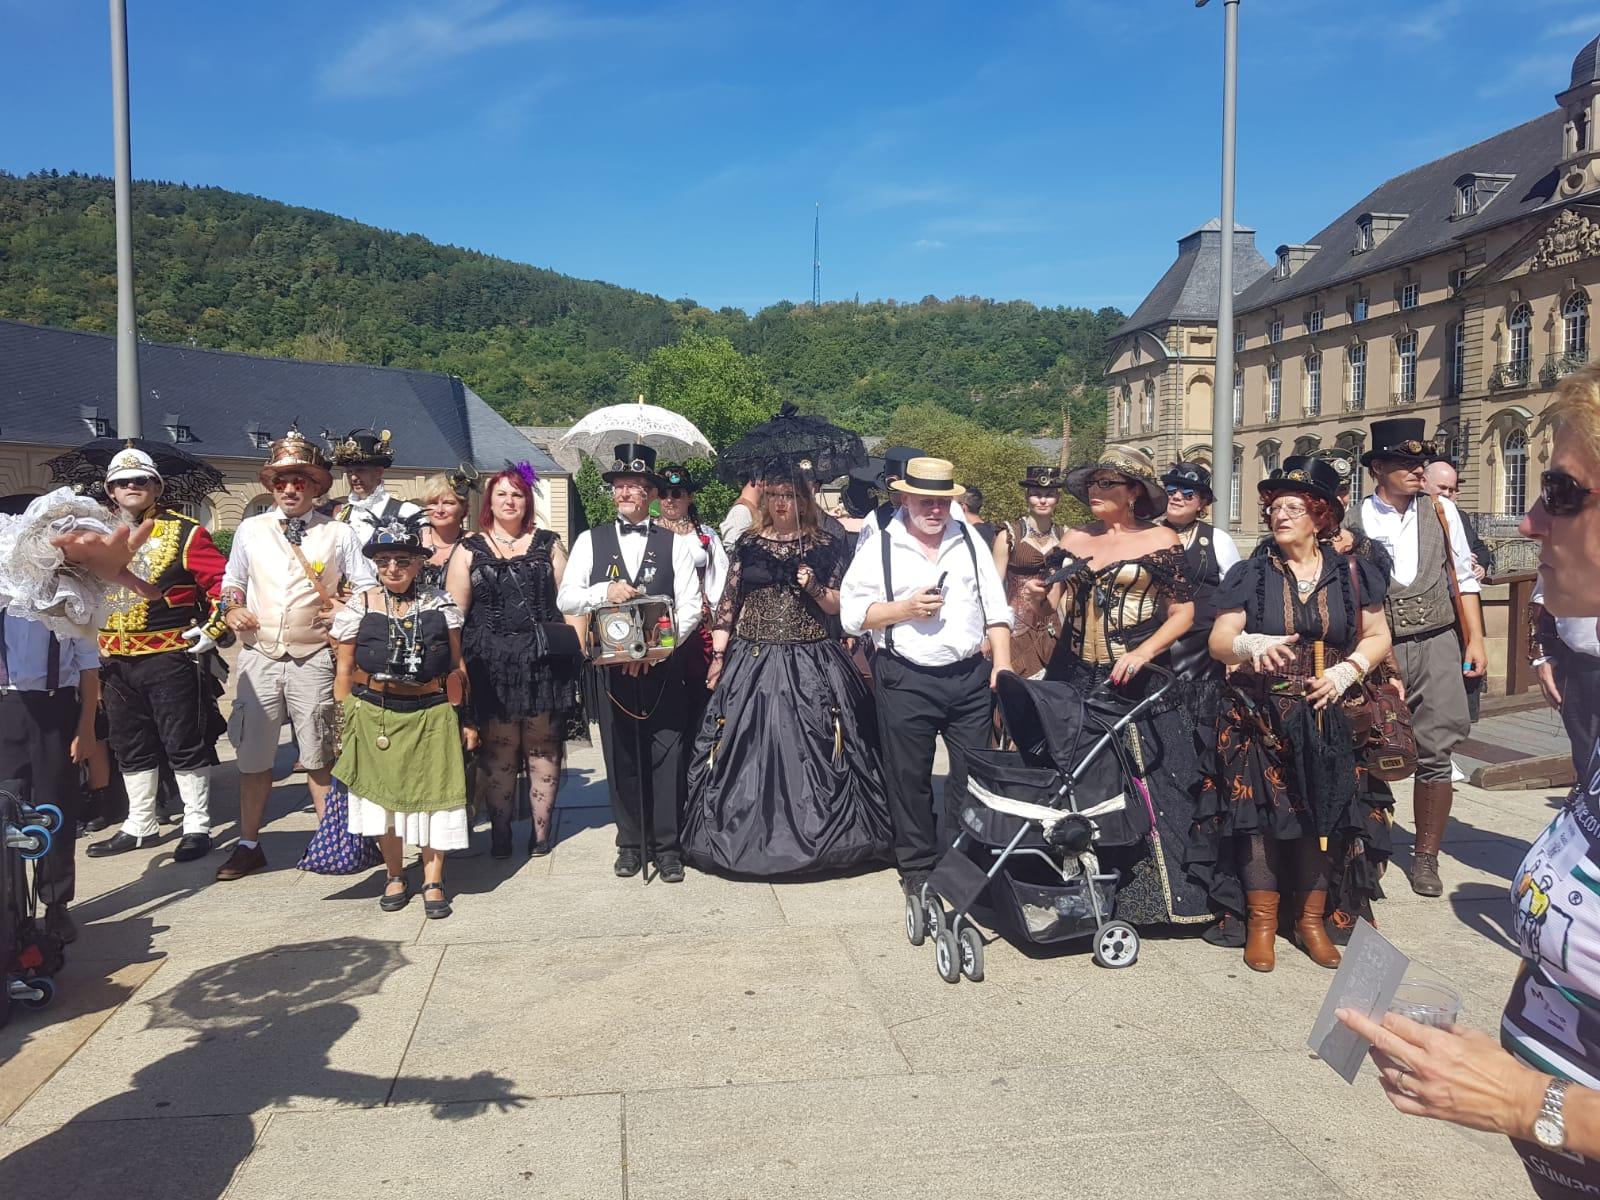 Teilnehmer der Steampunk Convention in Echternach begrüssen die VOR-TOUR der Hoffnung